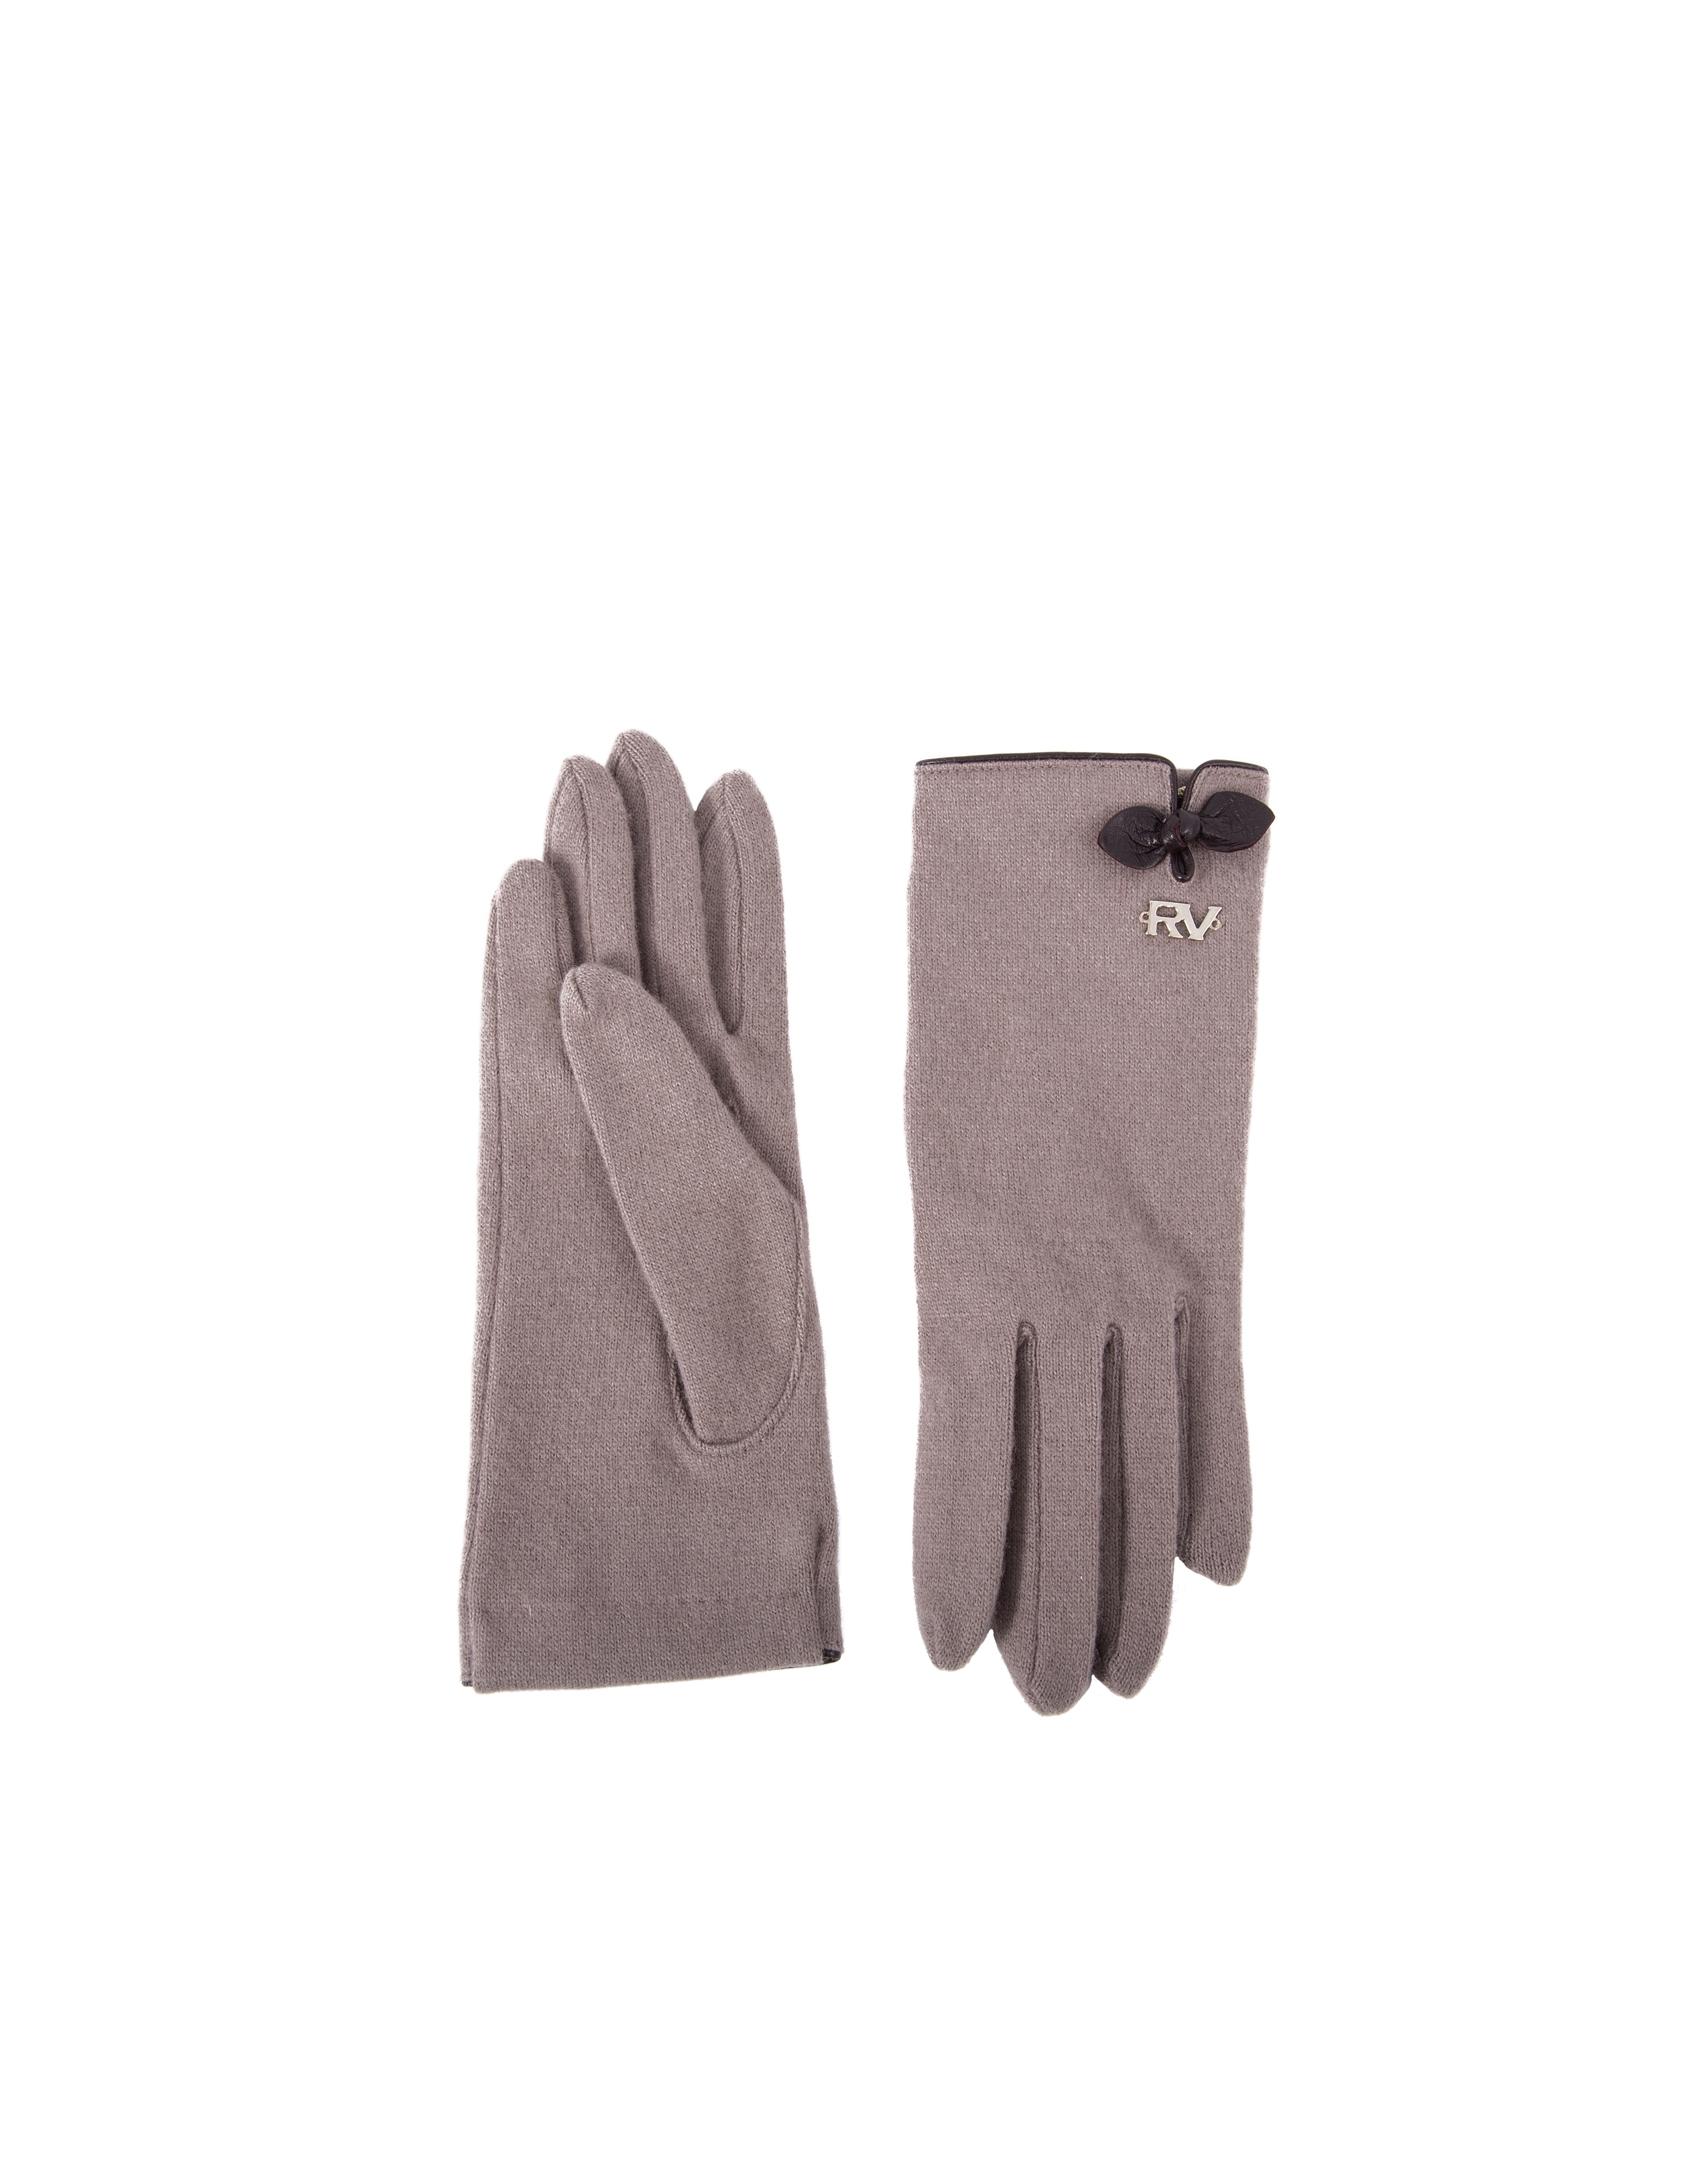 gants en tricot couleur taupe et d tails de cuir vachette marron. Black Bedroom Furniture Sets. Home Design Ideas